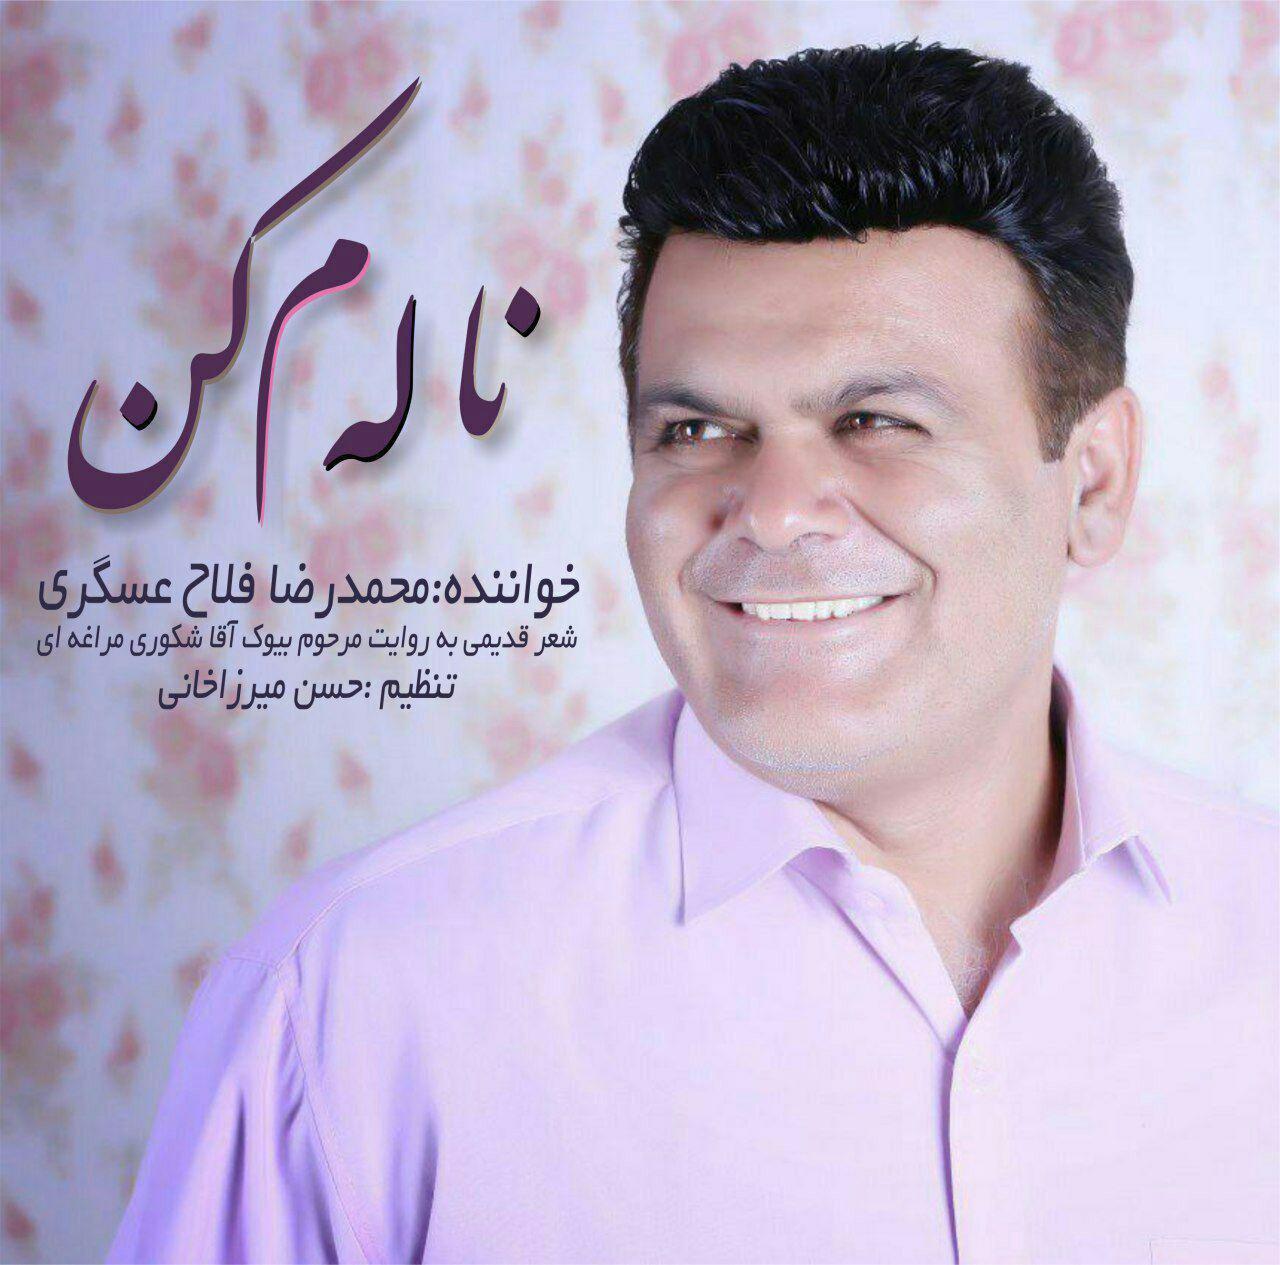 Mohammadreza Fallah Asgari – Nale Makon